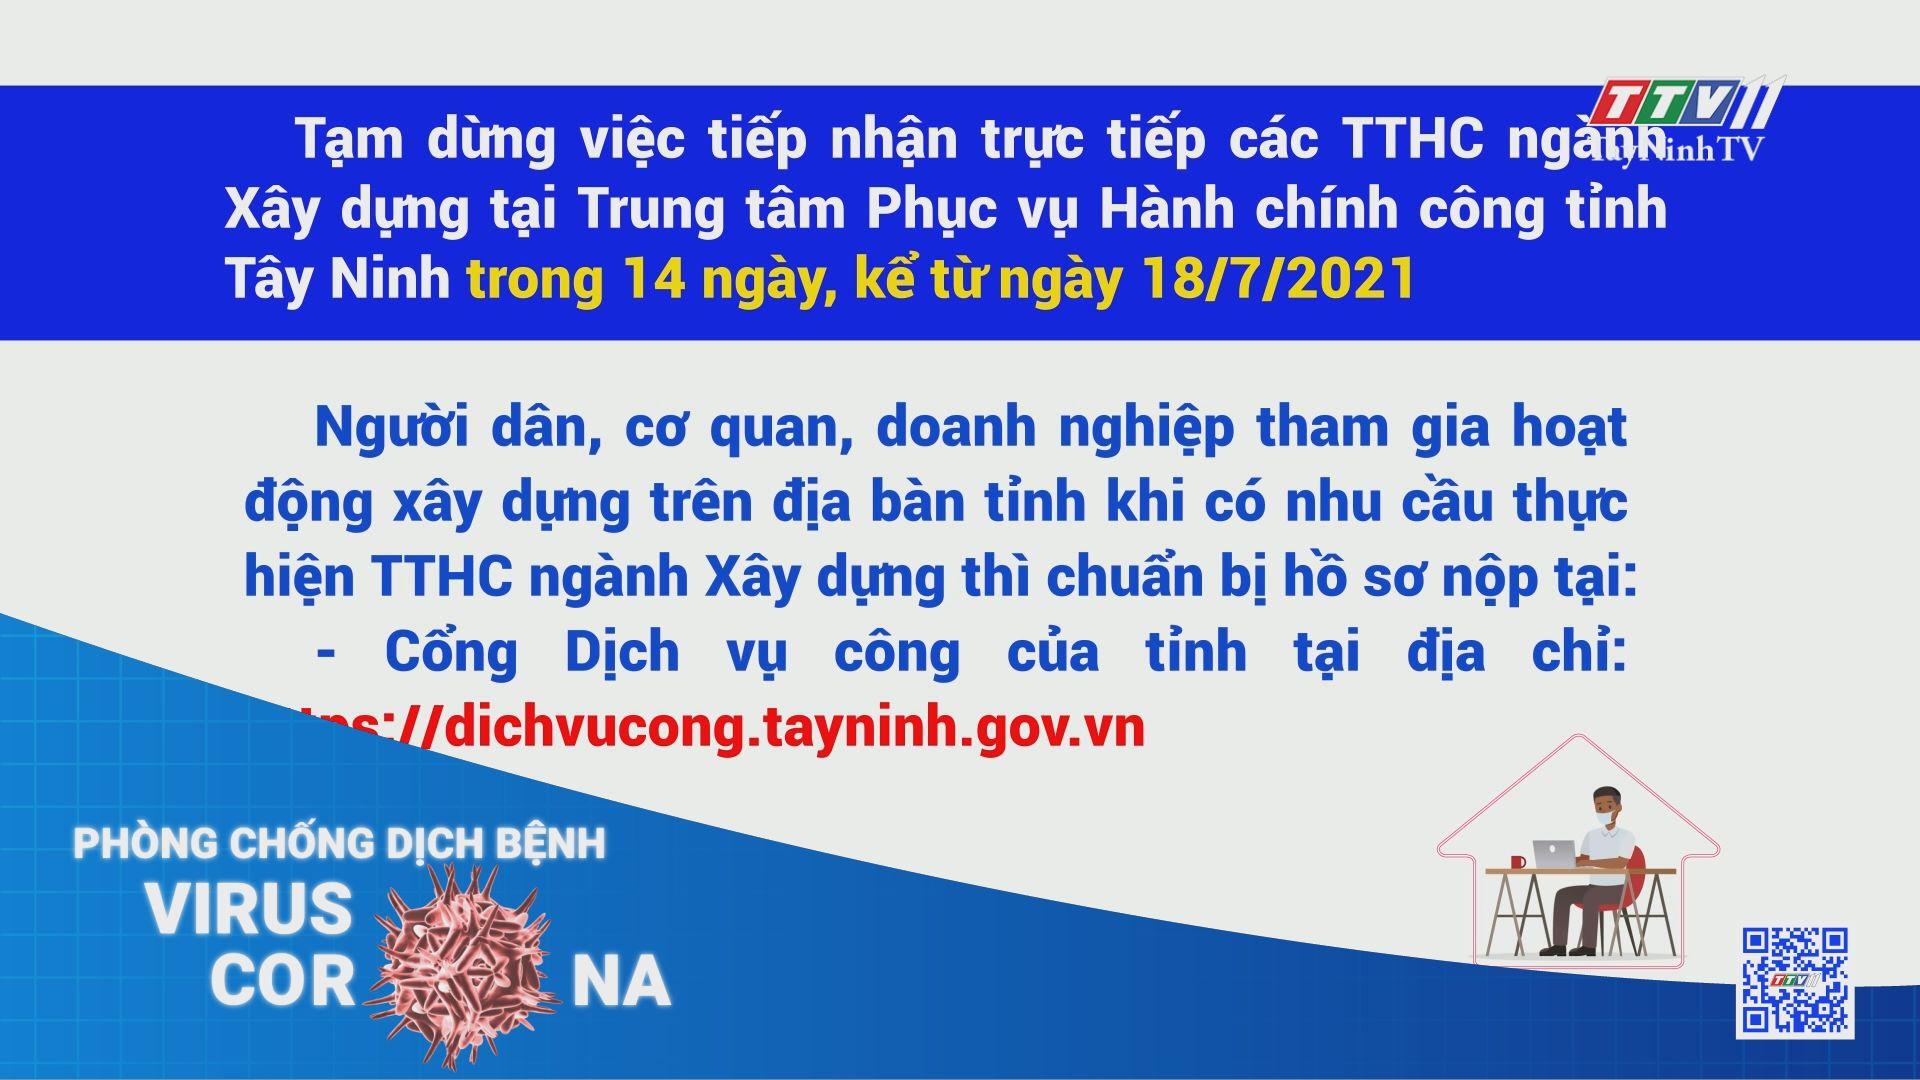 Tạm dừng việc tiếp nhận trực tiếp các TTHC ngành Xây dựng tại Trung tâm Phục vụ Hành chính công tỉnh Tây Ninh   THÔNG TIN DỊCH COVID-19   TayNinhTV